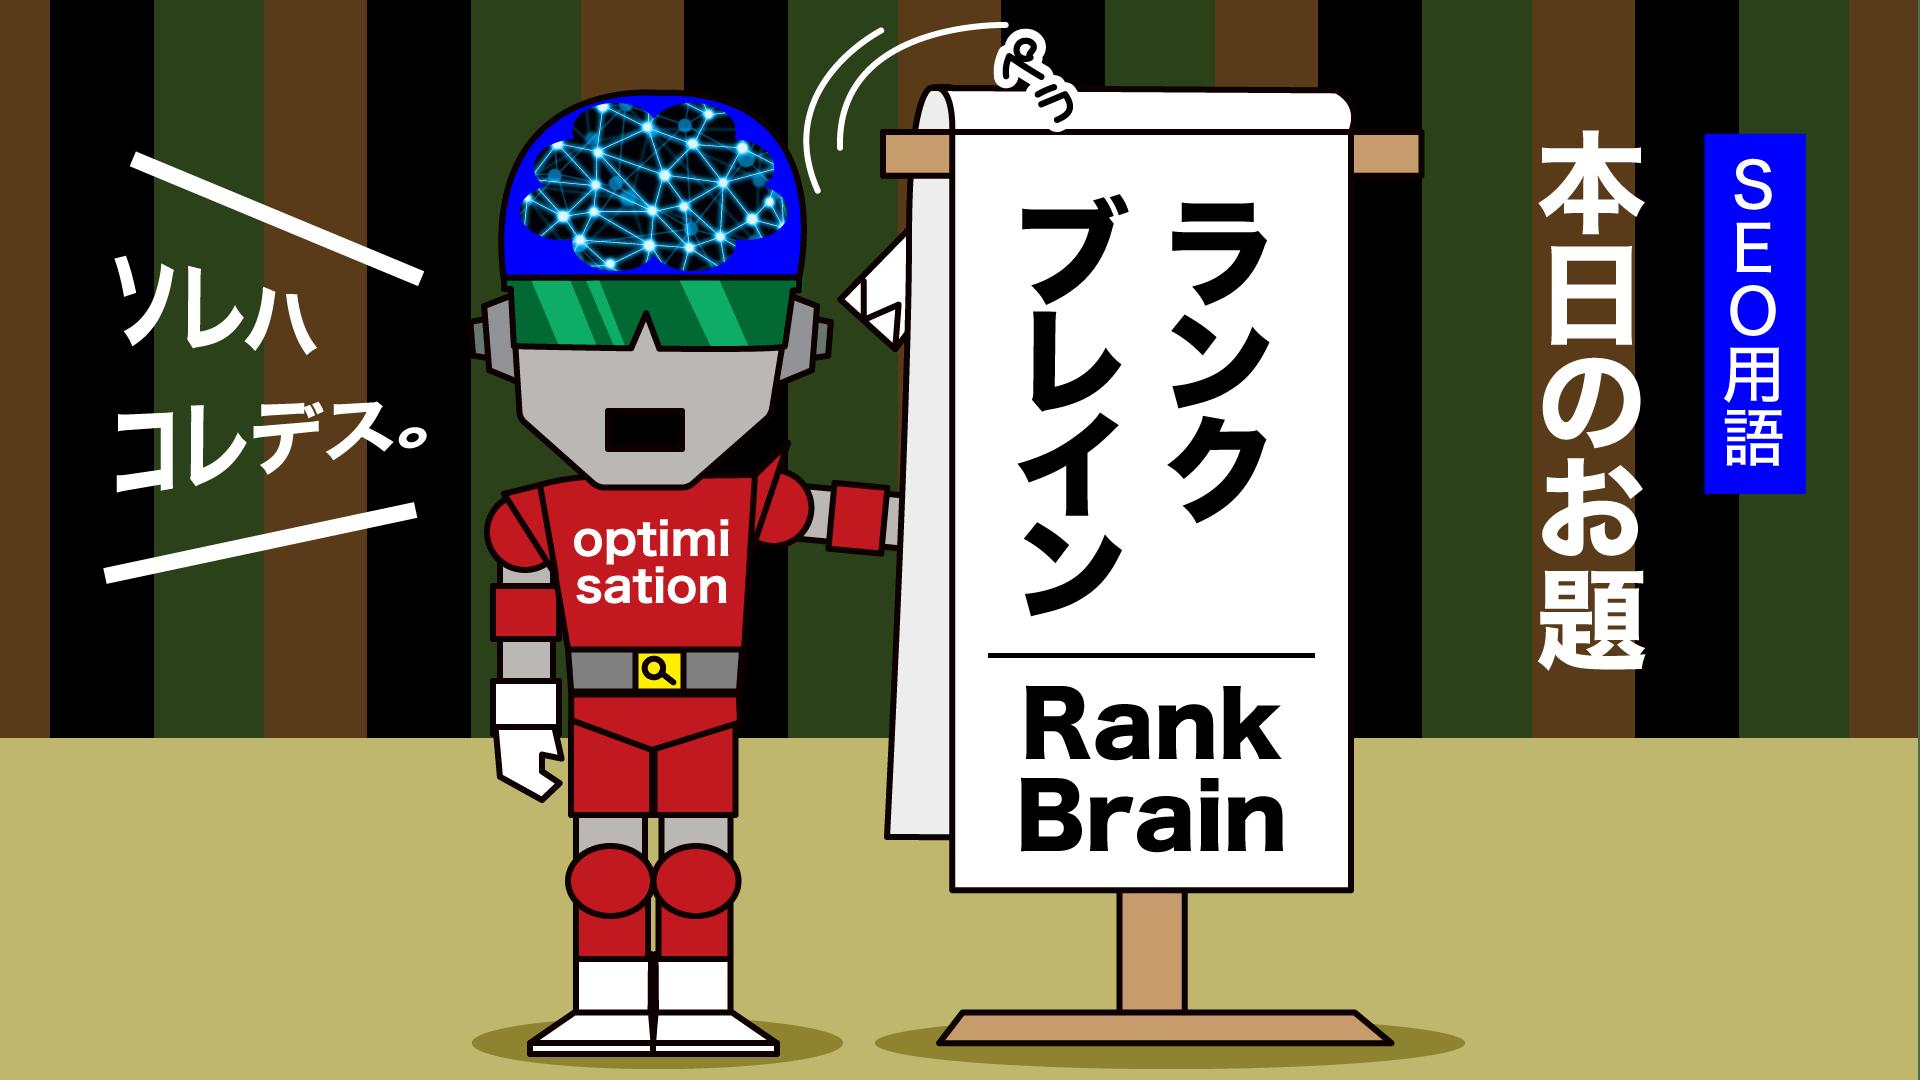 ランクブレイン①‐漫画SEO用語集⑥